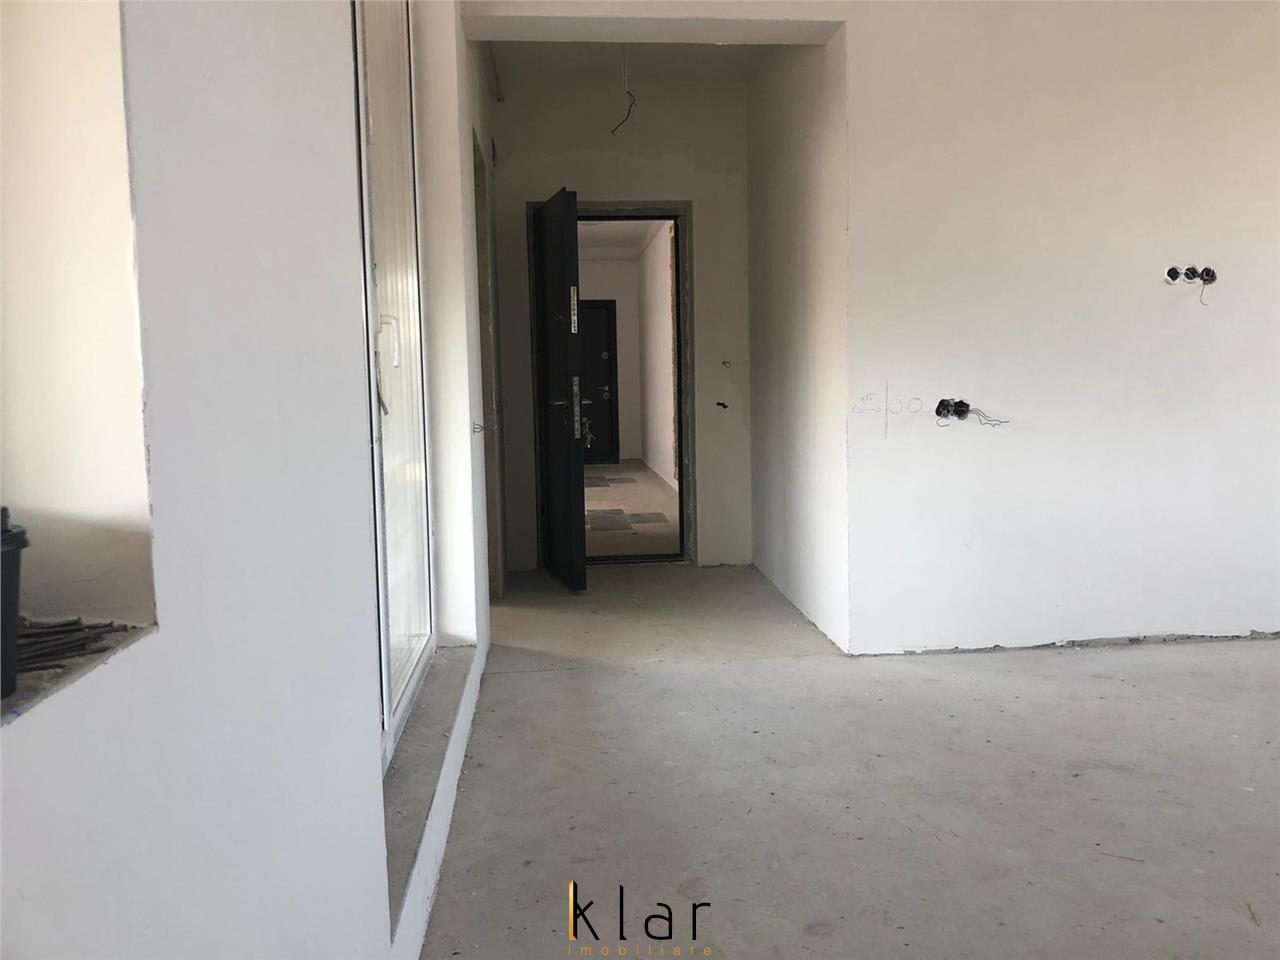 Apartament de vanzare 3 camere, 74 mp utili semifinisat!